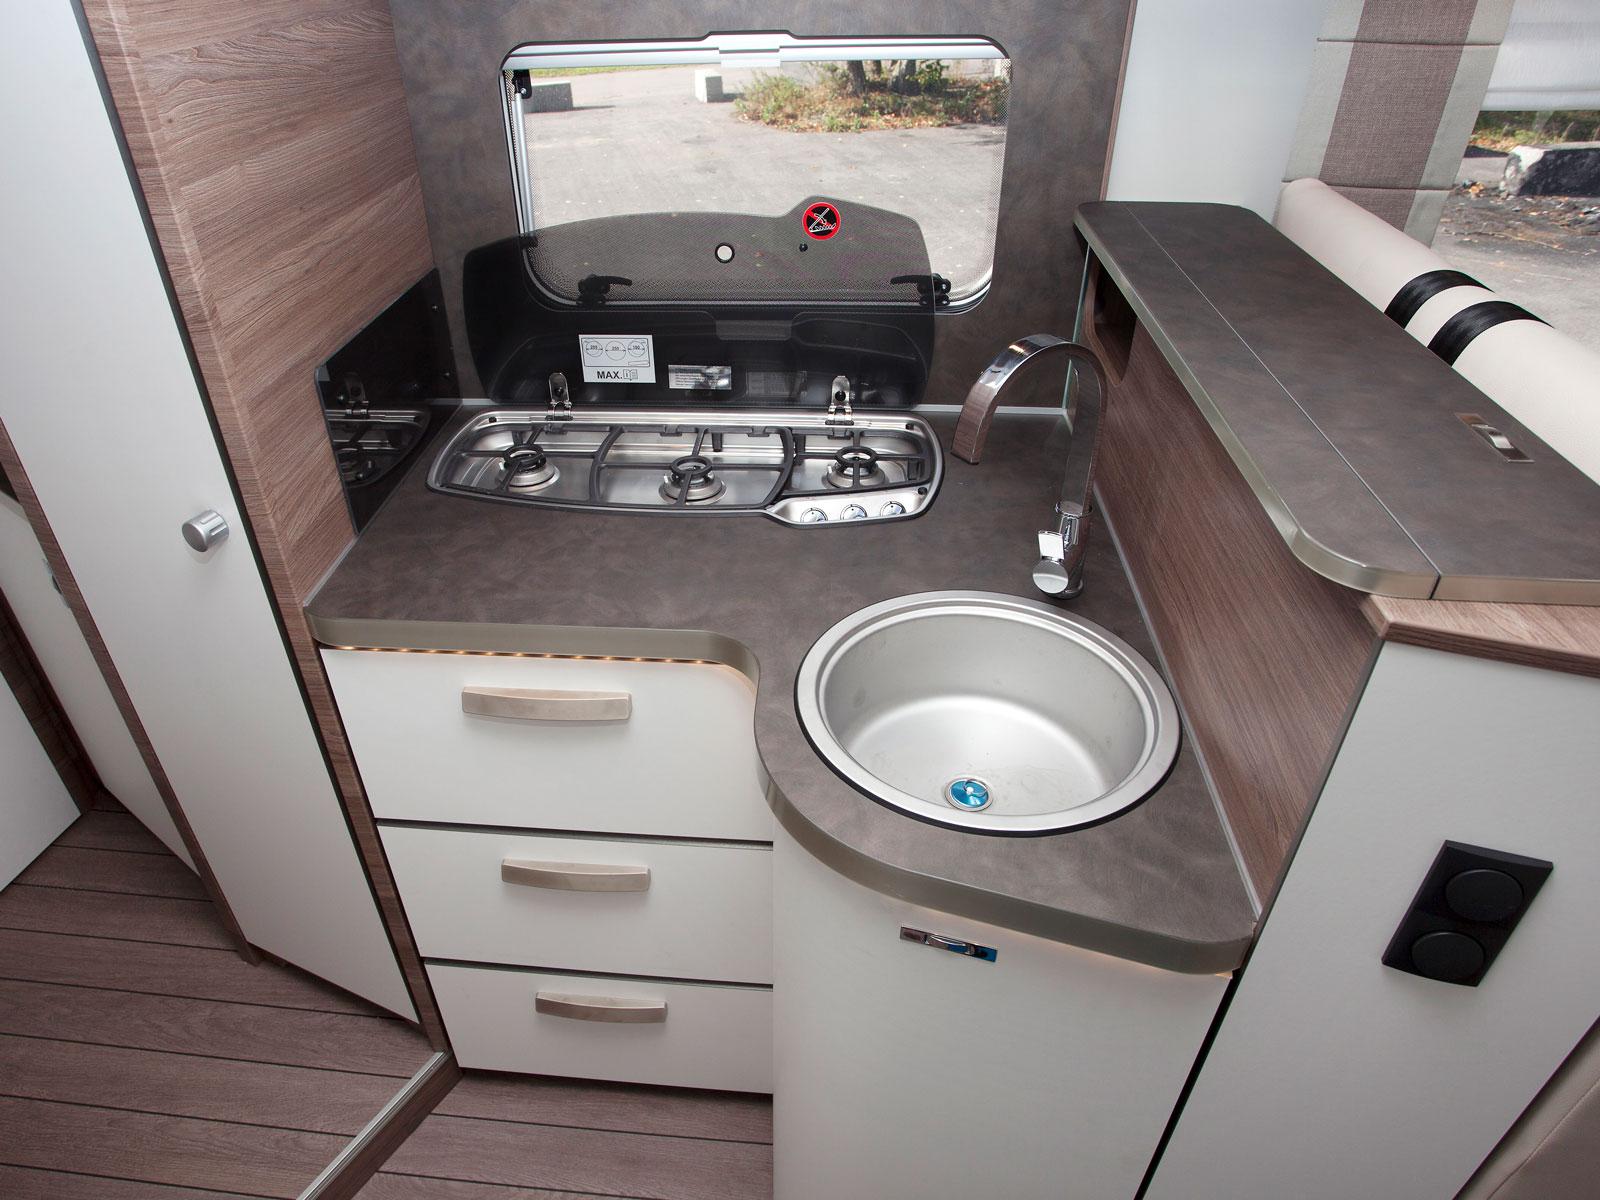 Utmärkande för köket i L!ve TI-versionen är att utdragbara lådor saknas i det välvda underskåpet.